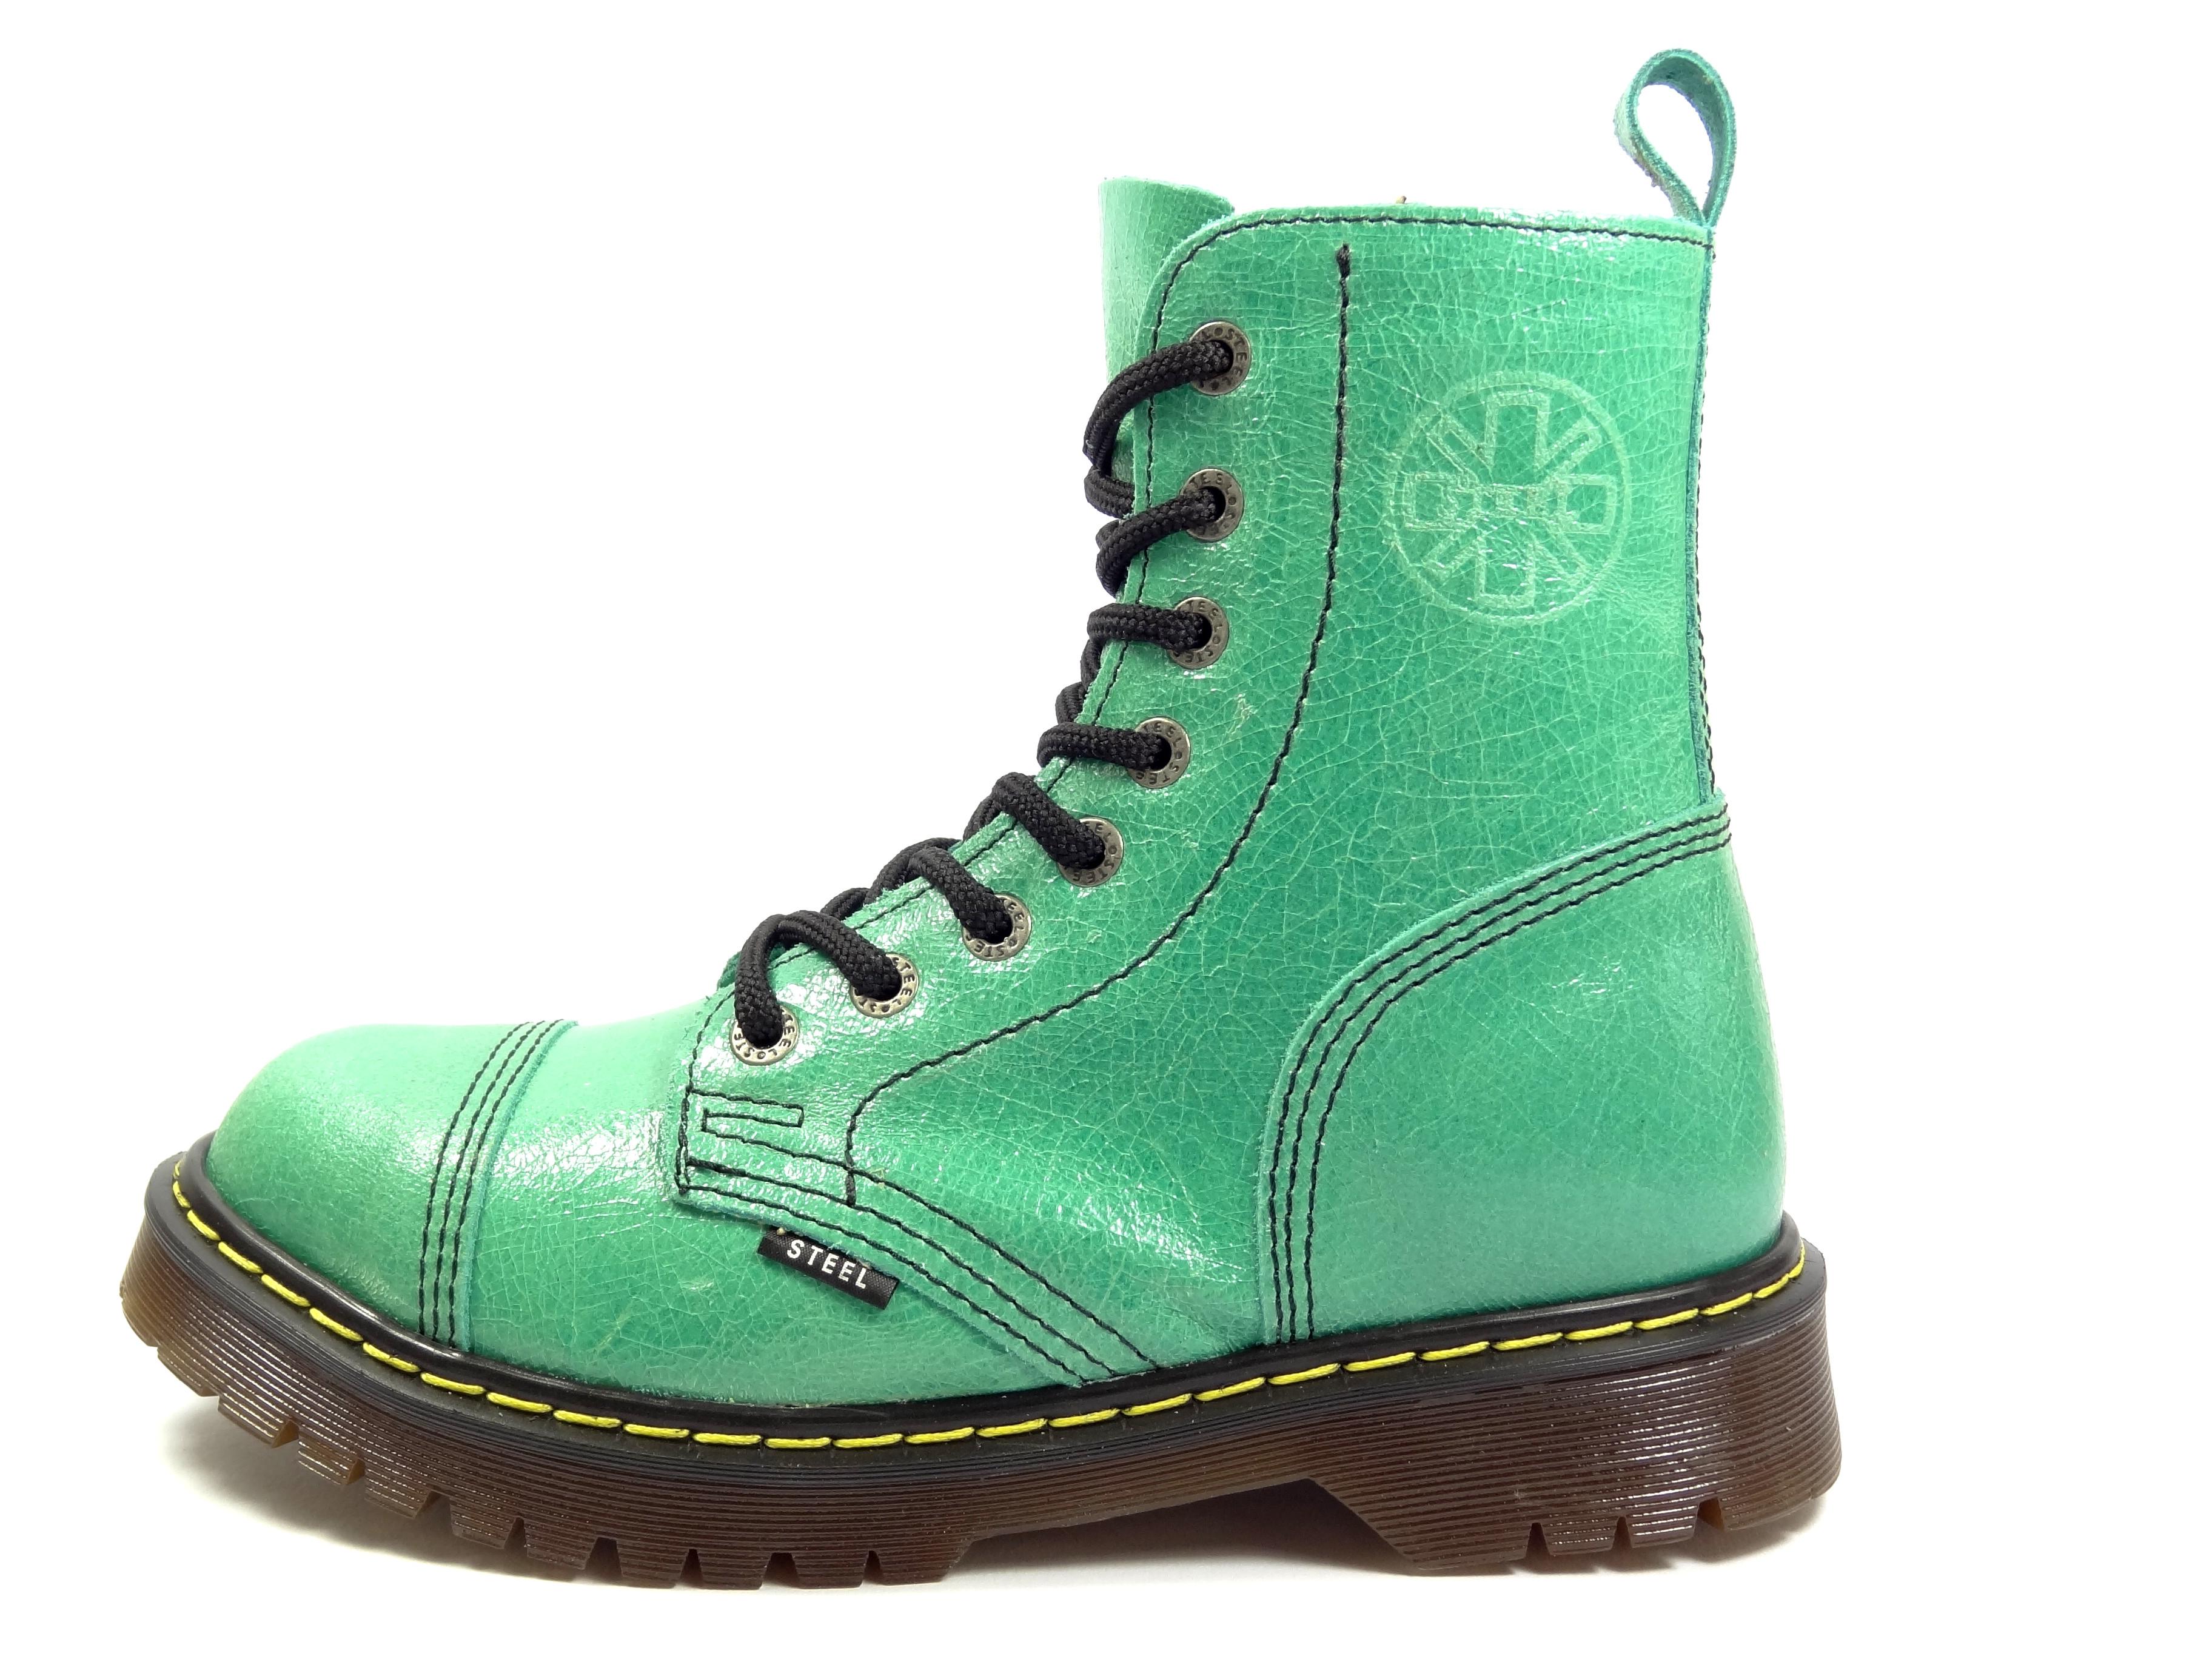 36a29bc3255 Steel boty 8 dírkové D37 tyrkysově zelené - bez ocelové špičky